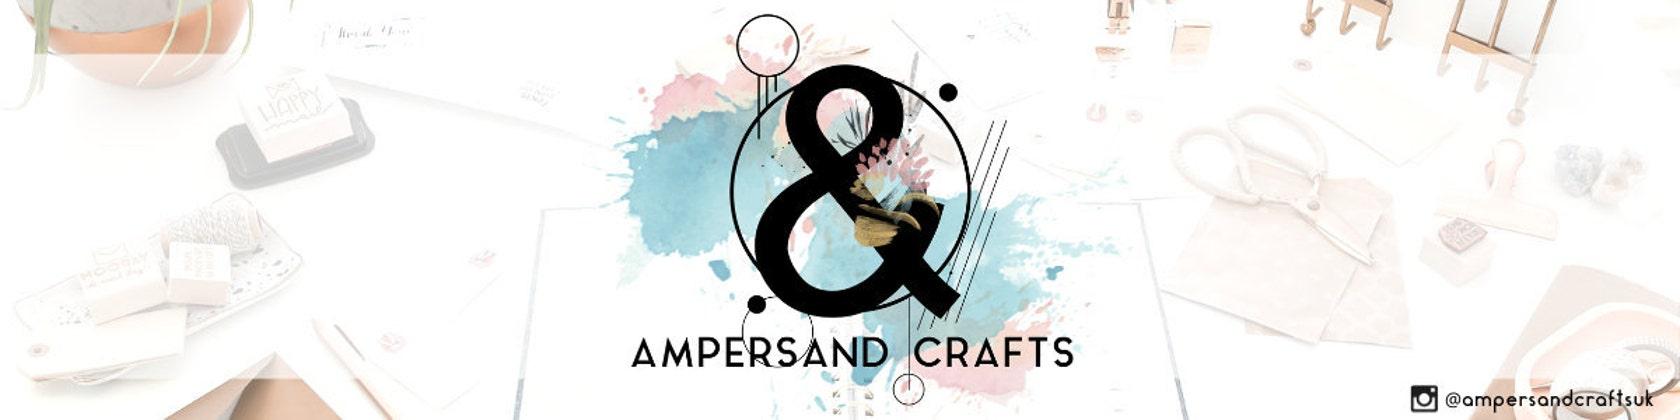 Luxury Customisable Craft Kits By Ampersandcraftsuk On Etsy